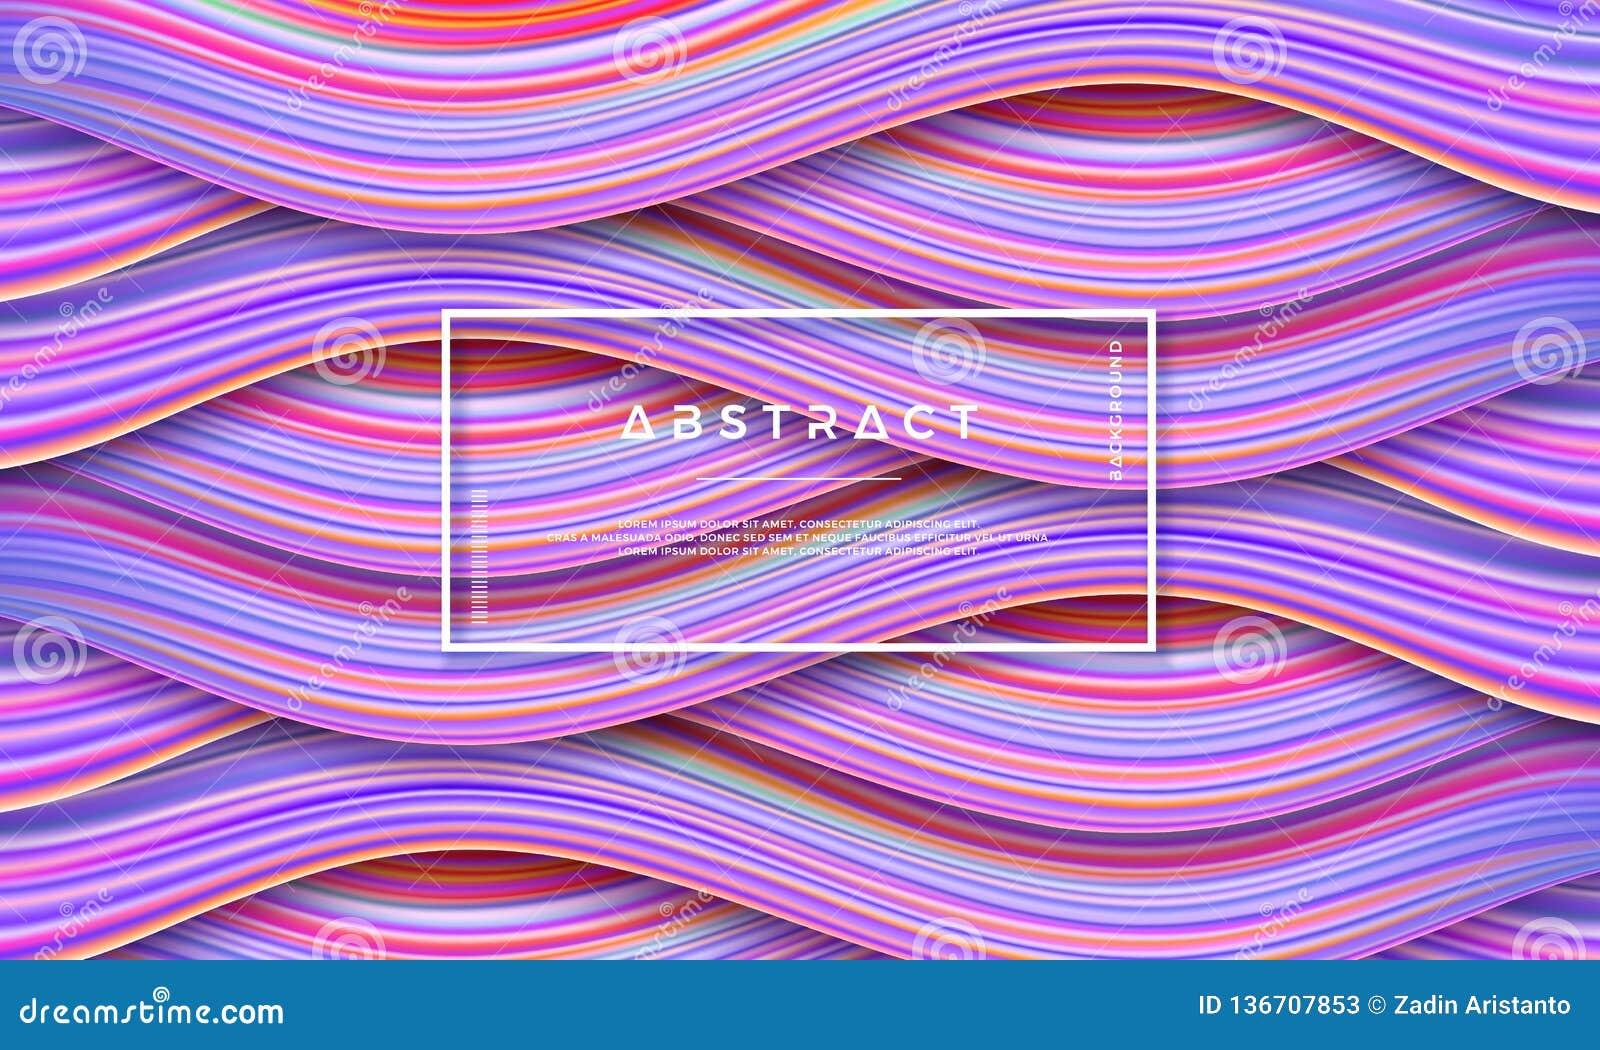 Extracto, fondo colorido dinámico y texturizado, moderno del flujo para su elemento del diseño y otros